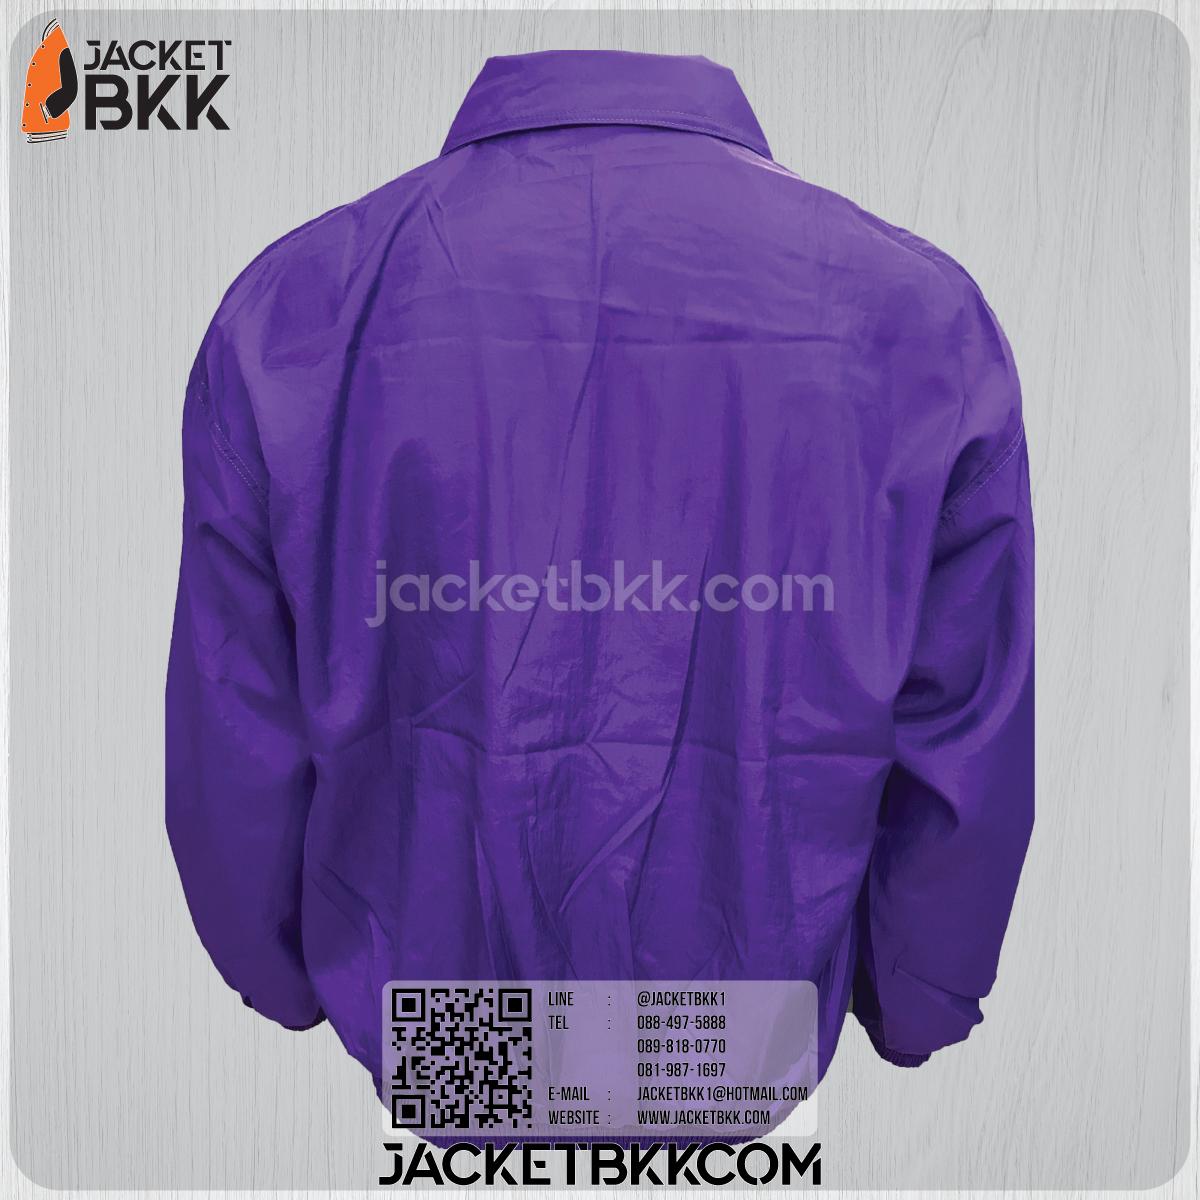 ขายส่งเสื้อแจ็คเก็ตผ้าร่มย่น สีม่วง โบ๊เบ๊ พร้อมปักสกรีน